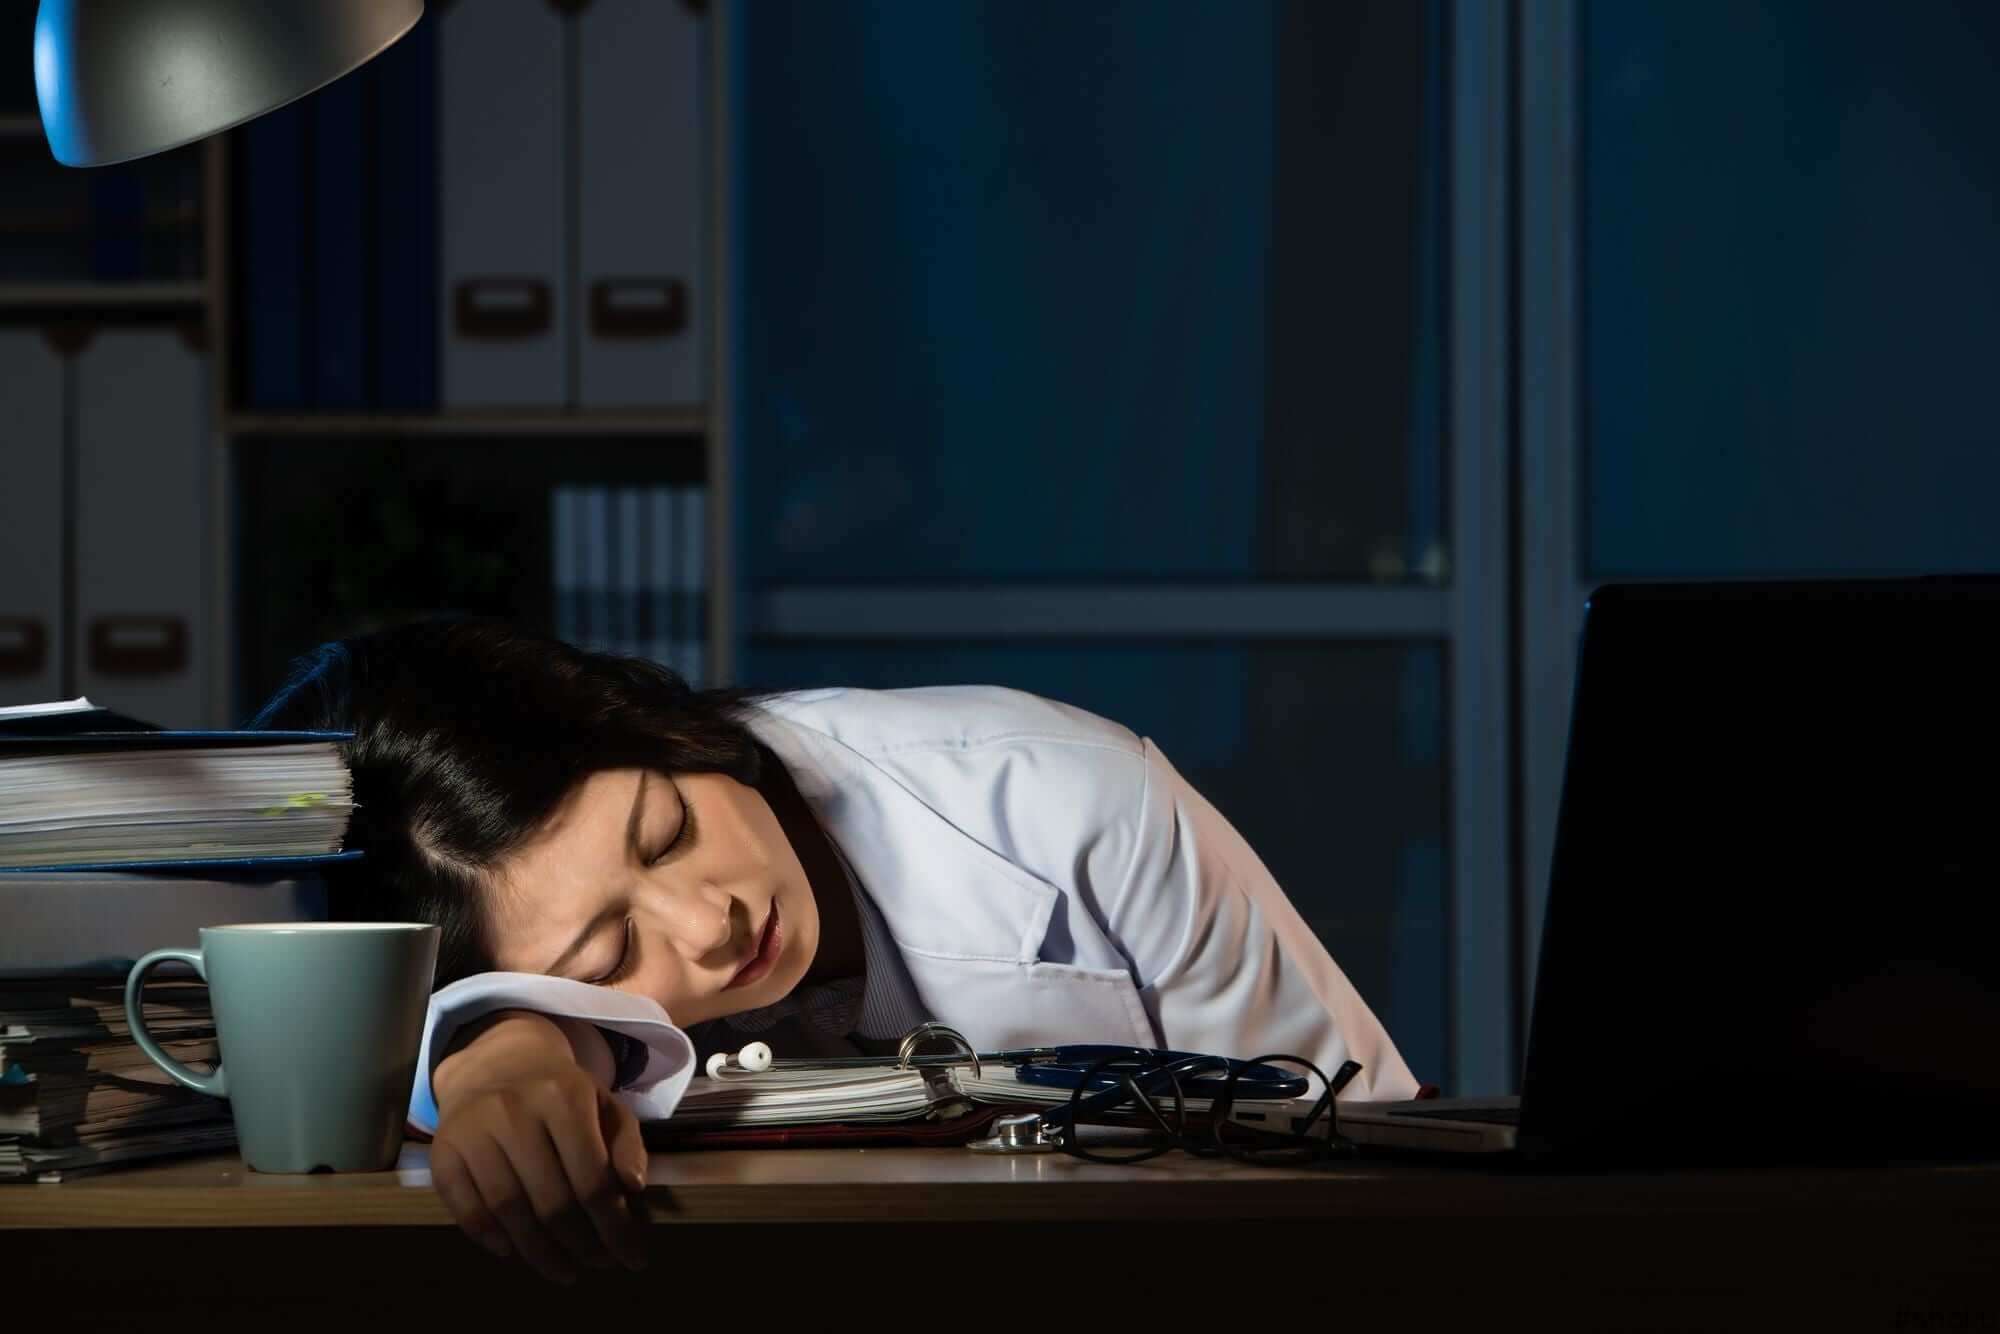 医療事務は一番忙しく残業になることが多い